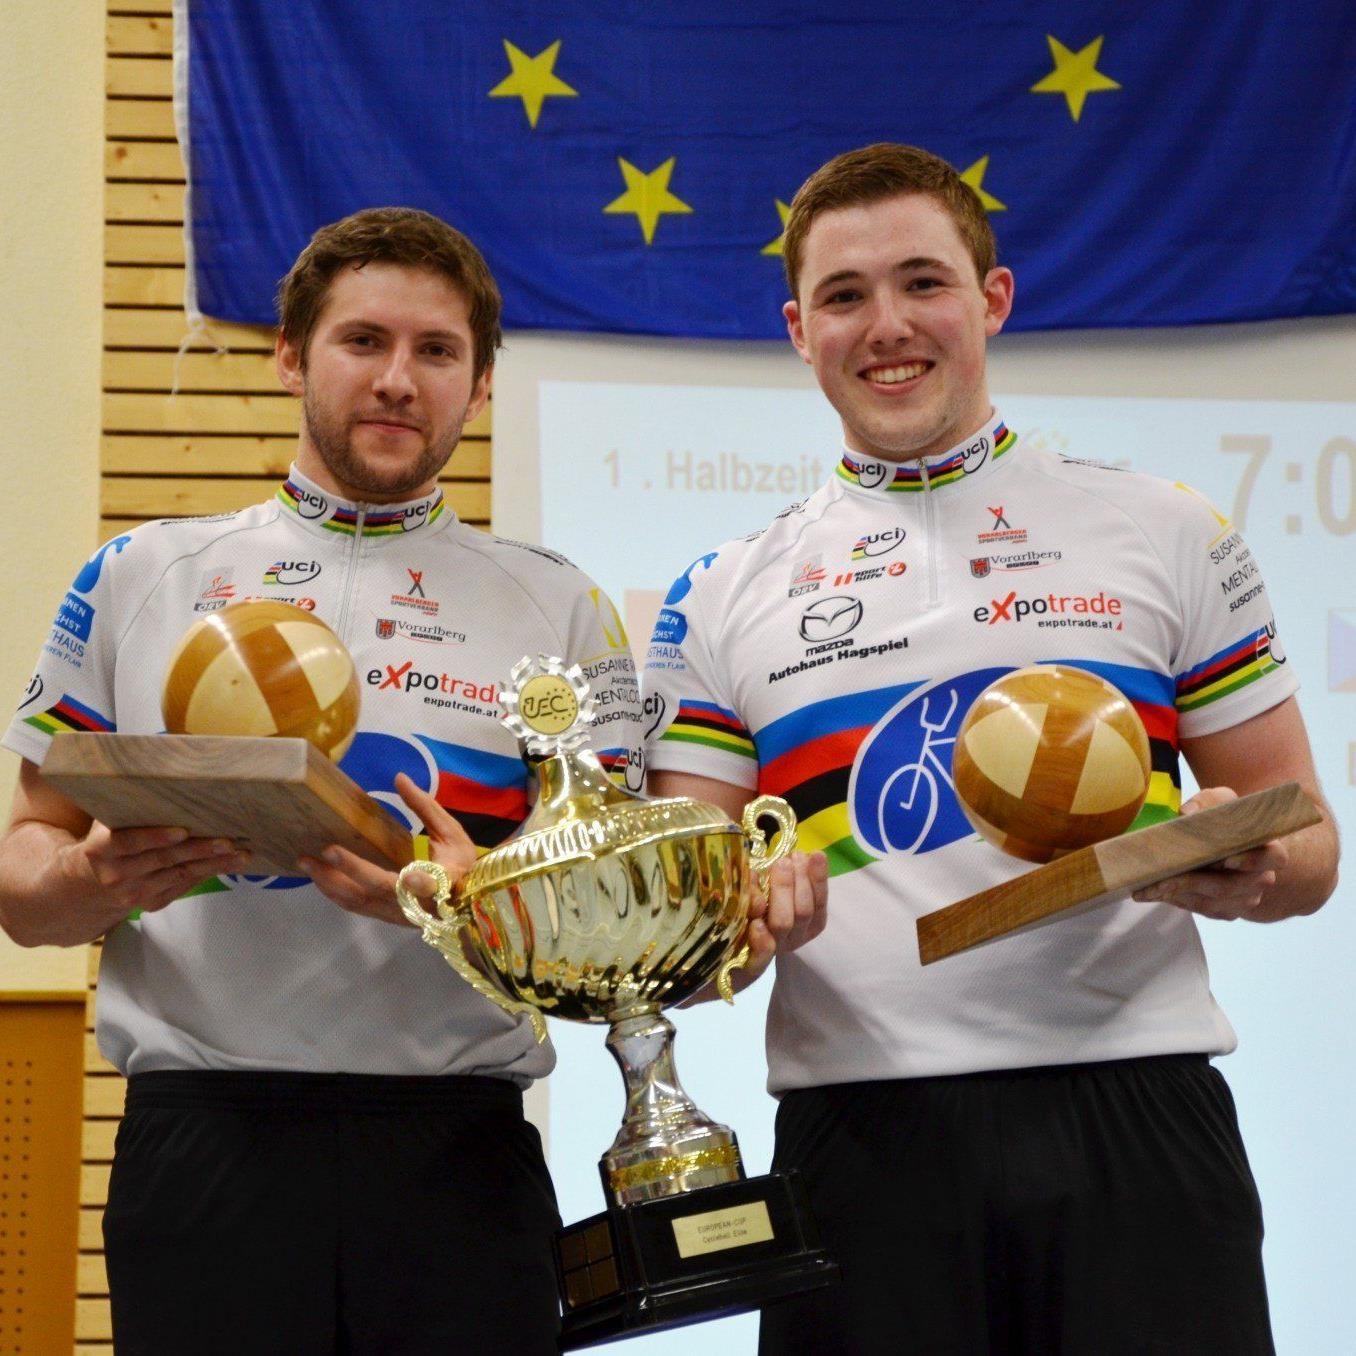 Die Weltmeister Schnetzer und Bröll kürten sich nun auch zum EC-Sieger.